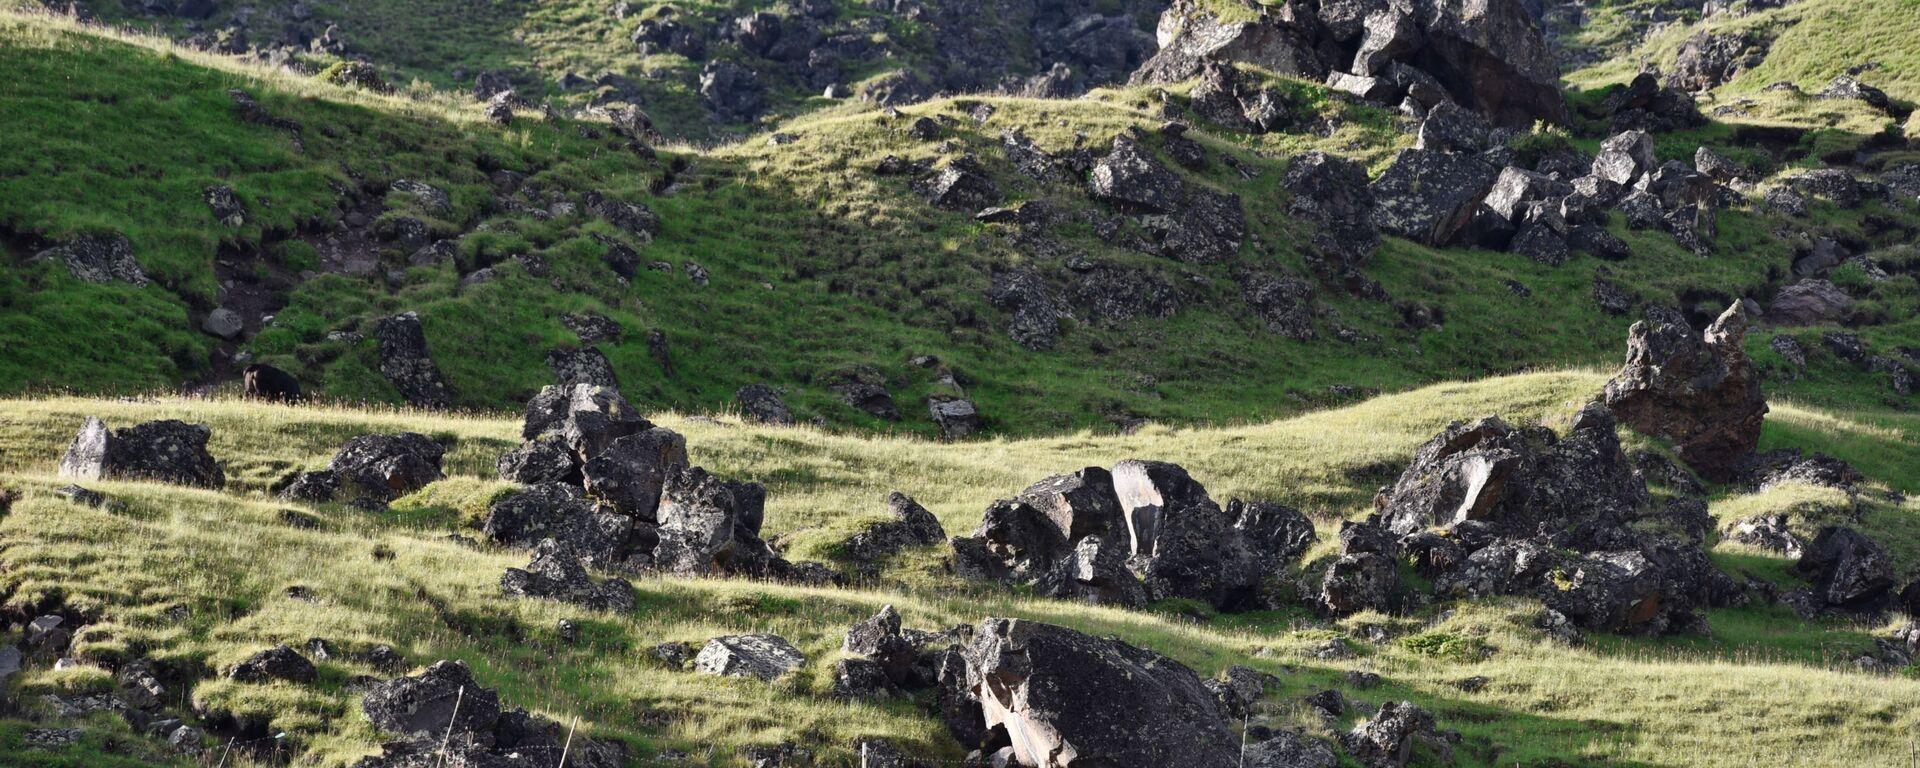 Палатки альпинистов лагеря Джилы-Су во время подъёма на Эльбрус в Кабардино-Балкарии - Sputnik Србија, 1920, 24.07.2021